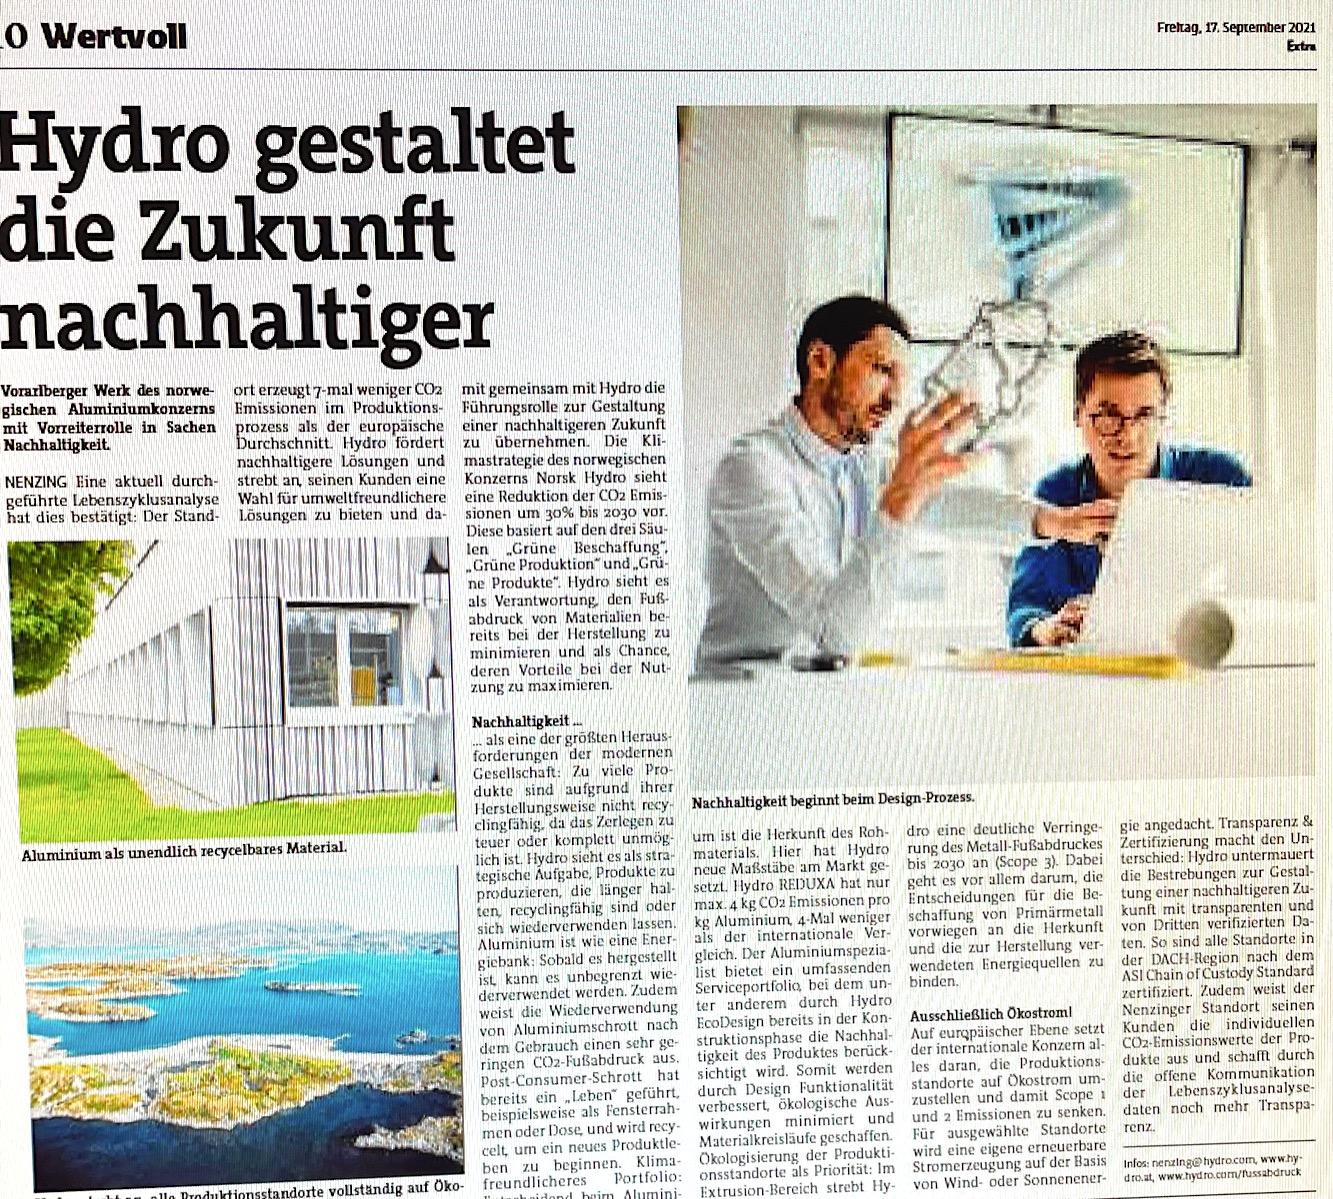 """Hydro gestaltet die Zukunft nachhaltiger: Vorarlberger Werk in Nenzing des norwegischen Aluminiumkonzerns mit Vorreiterrolle in Sachen Nachhaltigkeit. Eine aktuell durchgeführte Lebenszyklusanalyse hat dies bestätigt: Der Standort erzeugt 7-mal weniger CO2-Emissionen im Produktionsprozess als der europäische Durchschnitt. Hydro fördert nachhaltigere Lösungen und strebt an, seinen Kunden eine Wahl für umweltfreundlichere Lösungen zu bieten und damit gemeinsam mit Hydro die Führungsrolle zur Gestaltung einer nachhaltigeren Zukunft zu übernehmen. Die Klimastrategie des norwegischen Konzerns Norsk Hydro sieht eine Reduktion der CO2 Emissionen um 30% bis 2030 vor. (VN-Extra """"Wertvoll"""" 17.9.21)"""